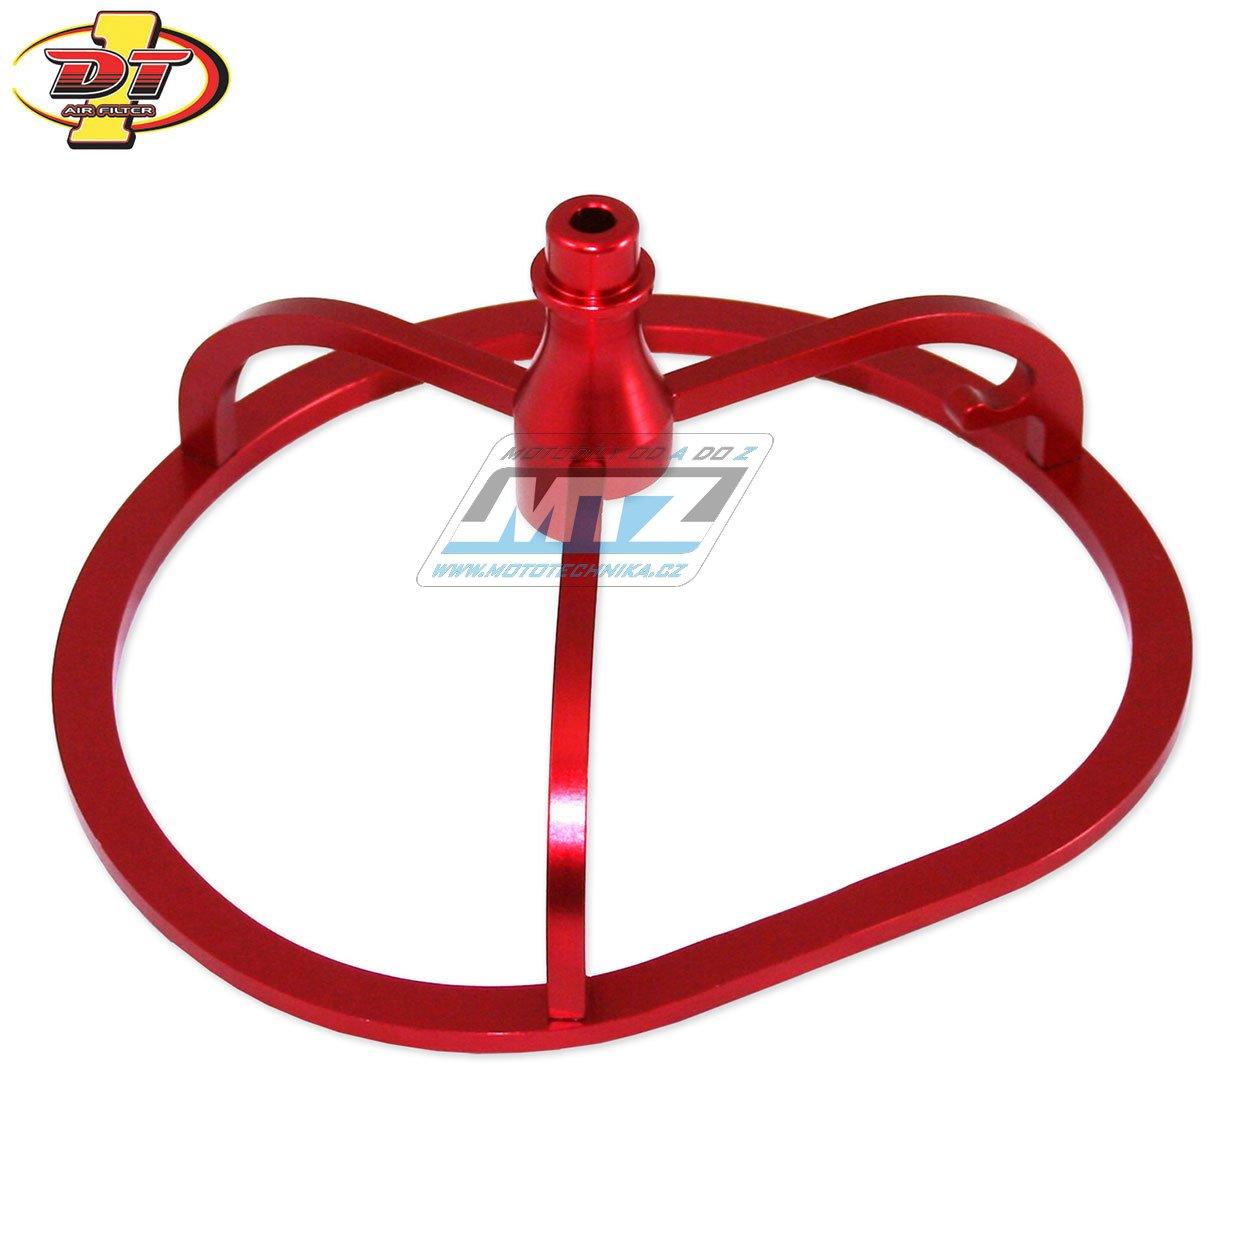 """Klec vzduchového filtru """"závodní provedení DT-1 Power Cage"""" - Honda CRF250 / 14 + CRF450 / 13-16"""